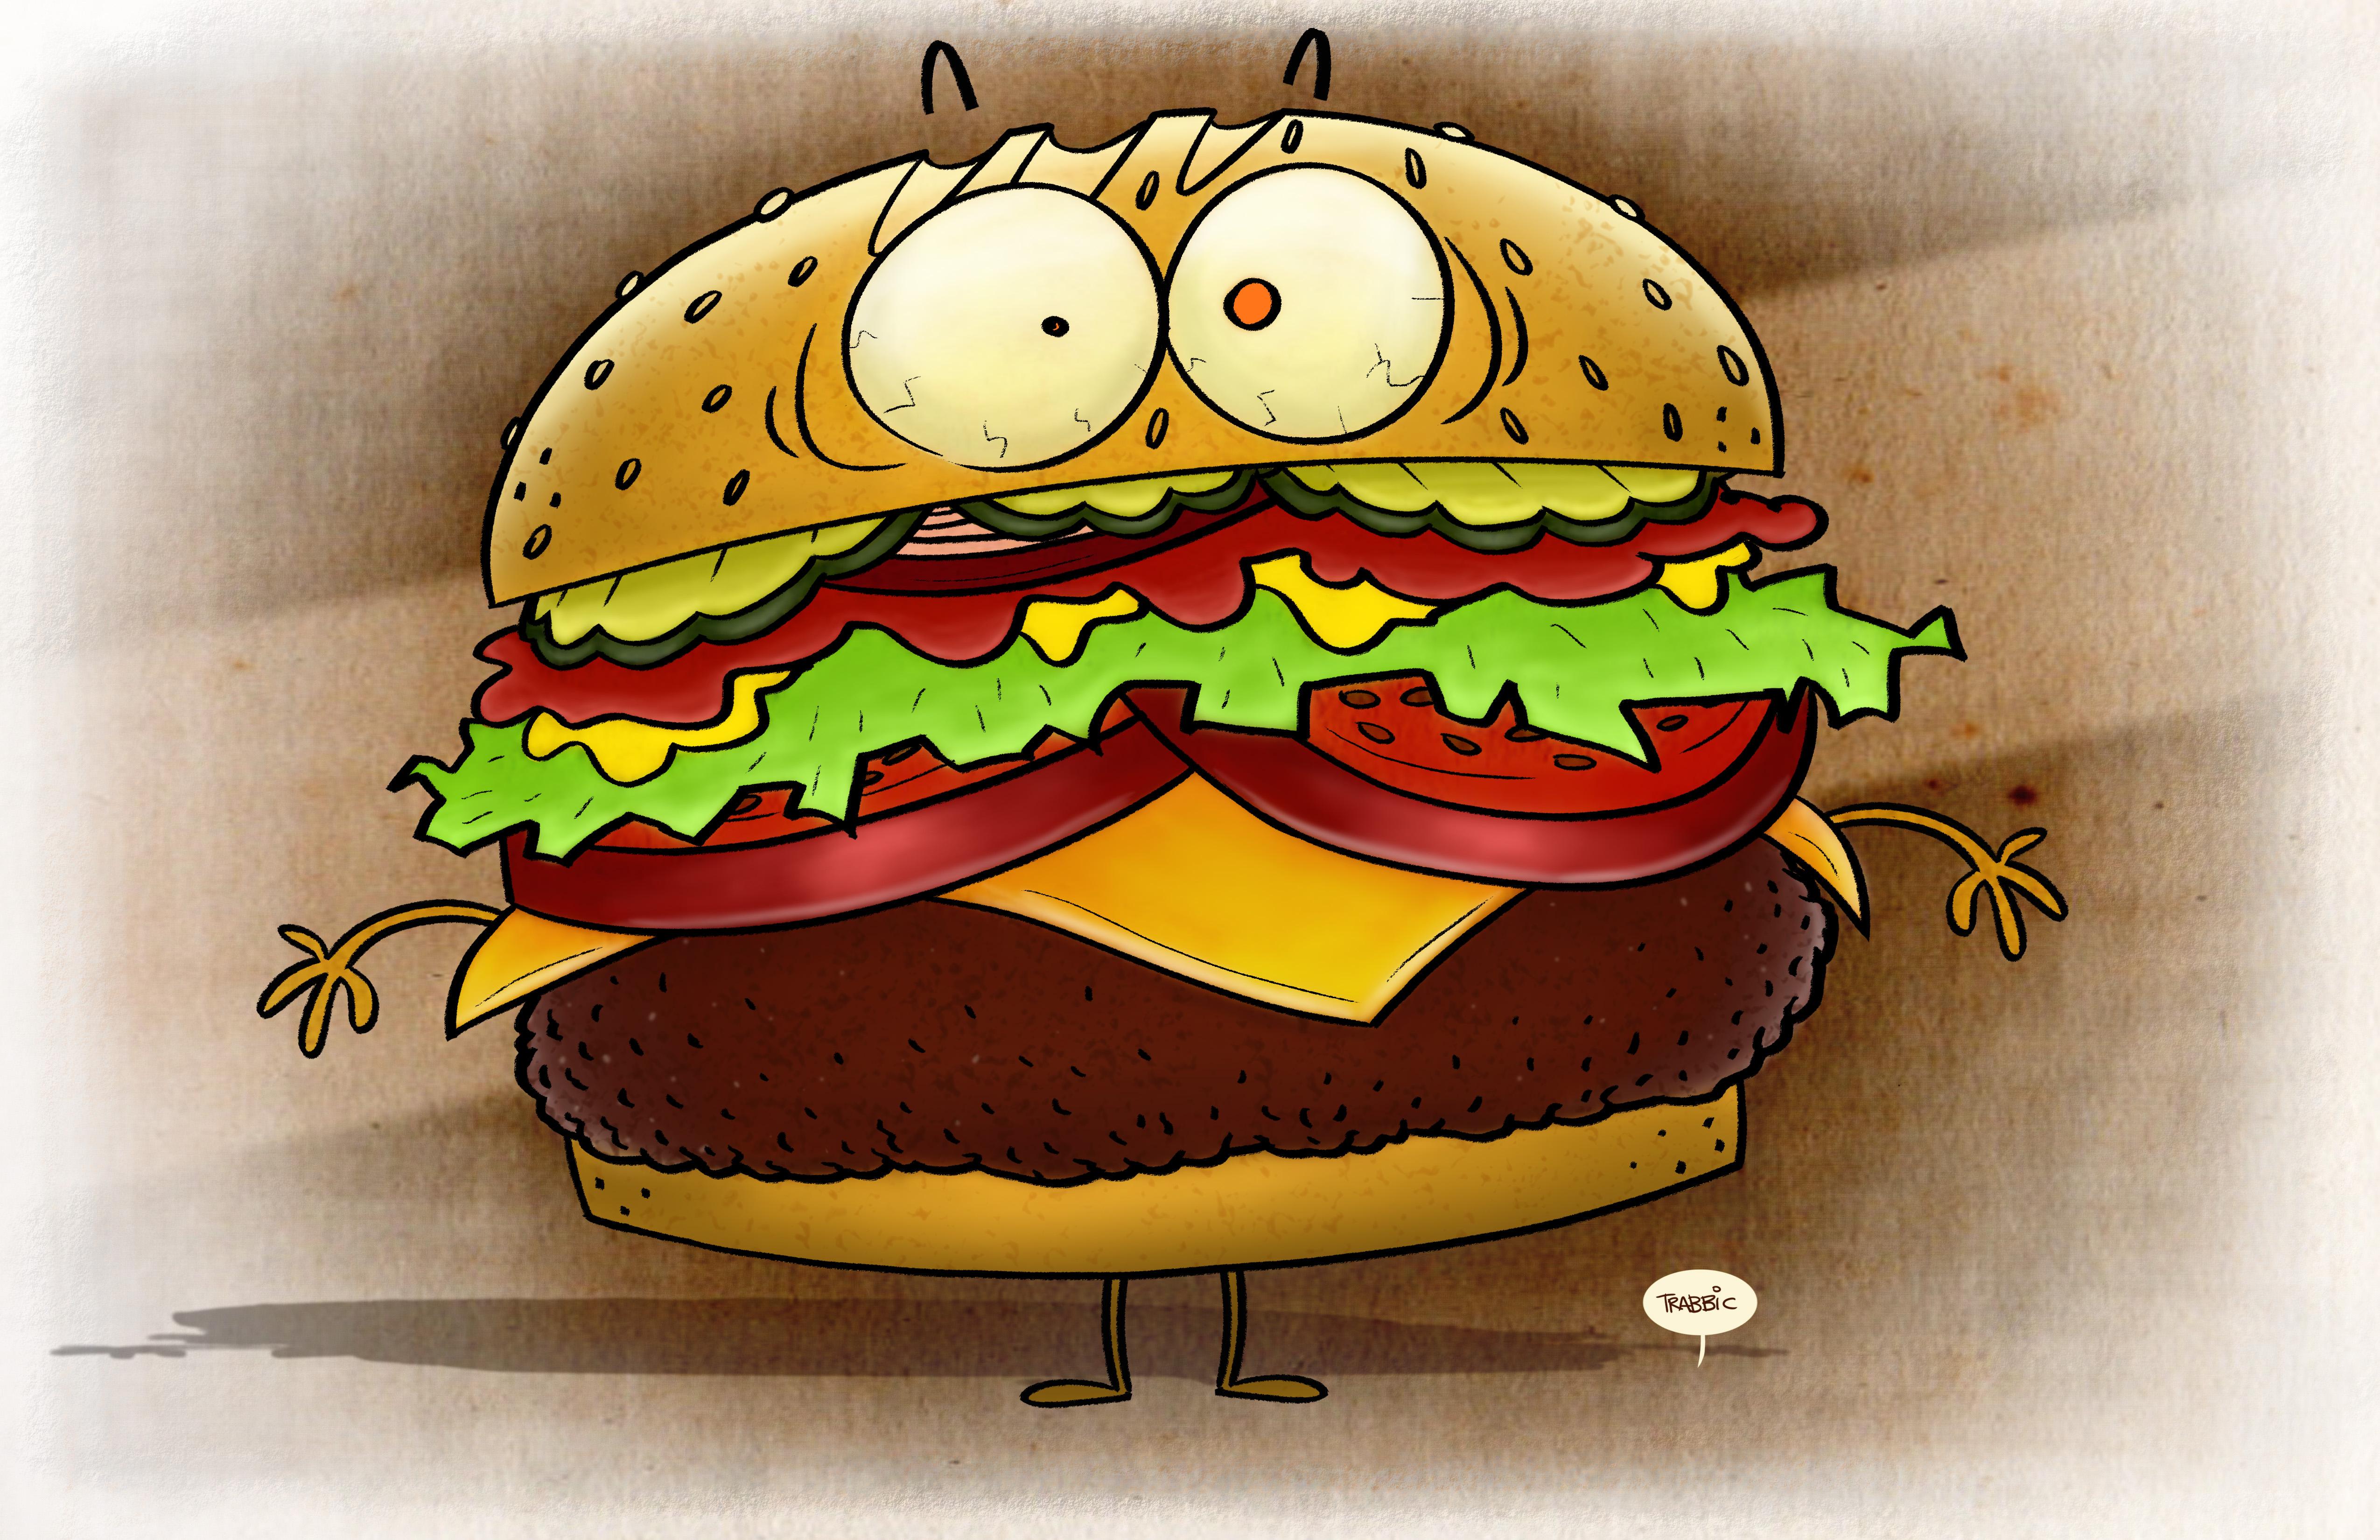 времен гамбургер картинки с глазами счастью, ограбление фиктивное